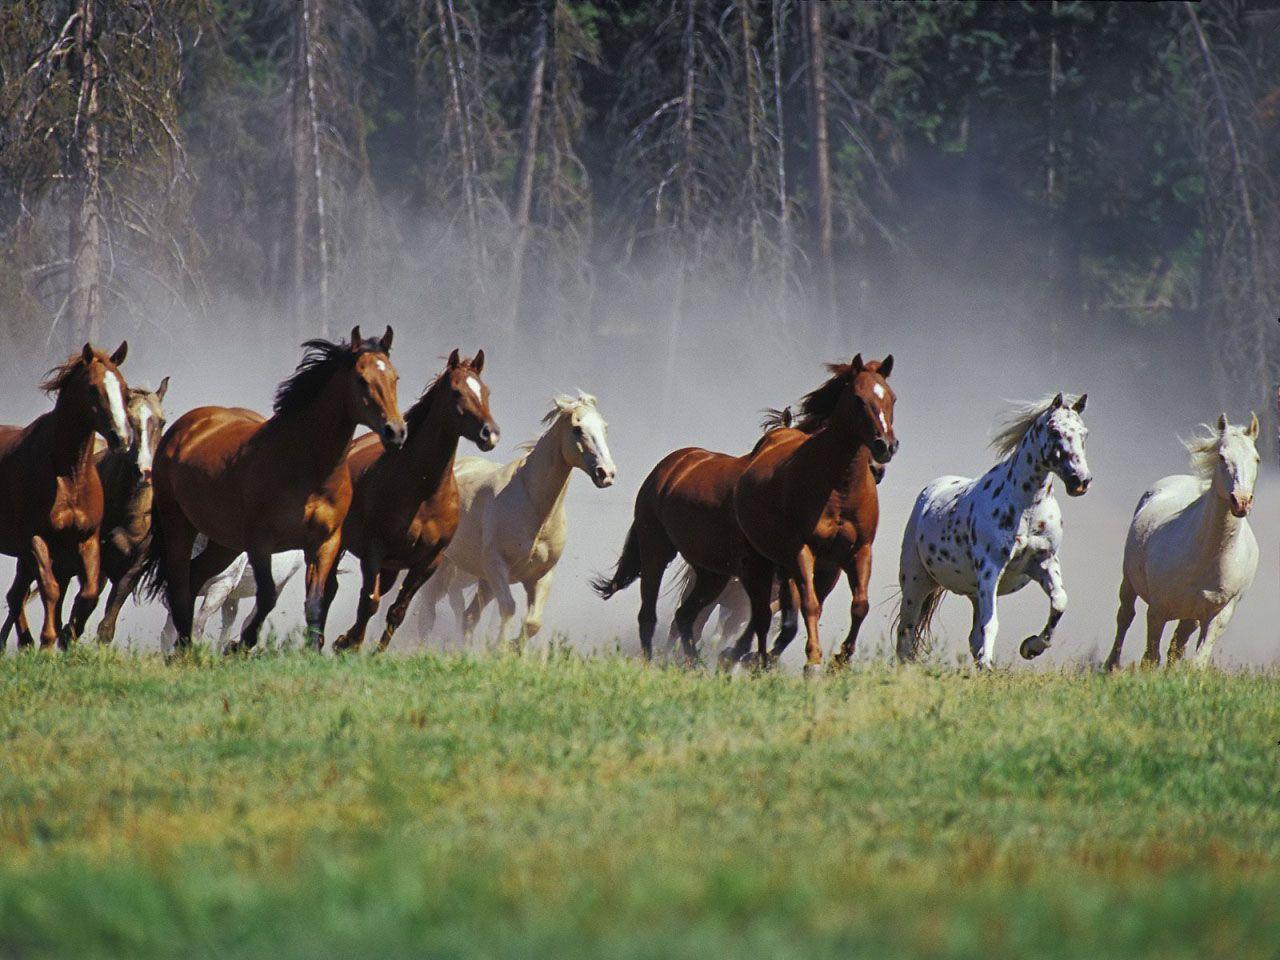 صور خيول انستقرام اجمل صور من انستجرام احصنة عربية شامخة حصان Horse Wallpaper Wild Horses Running Horses